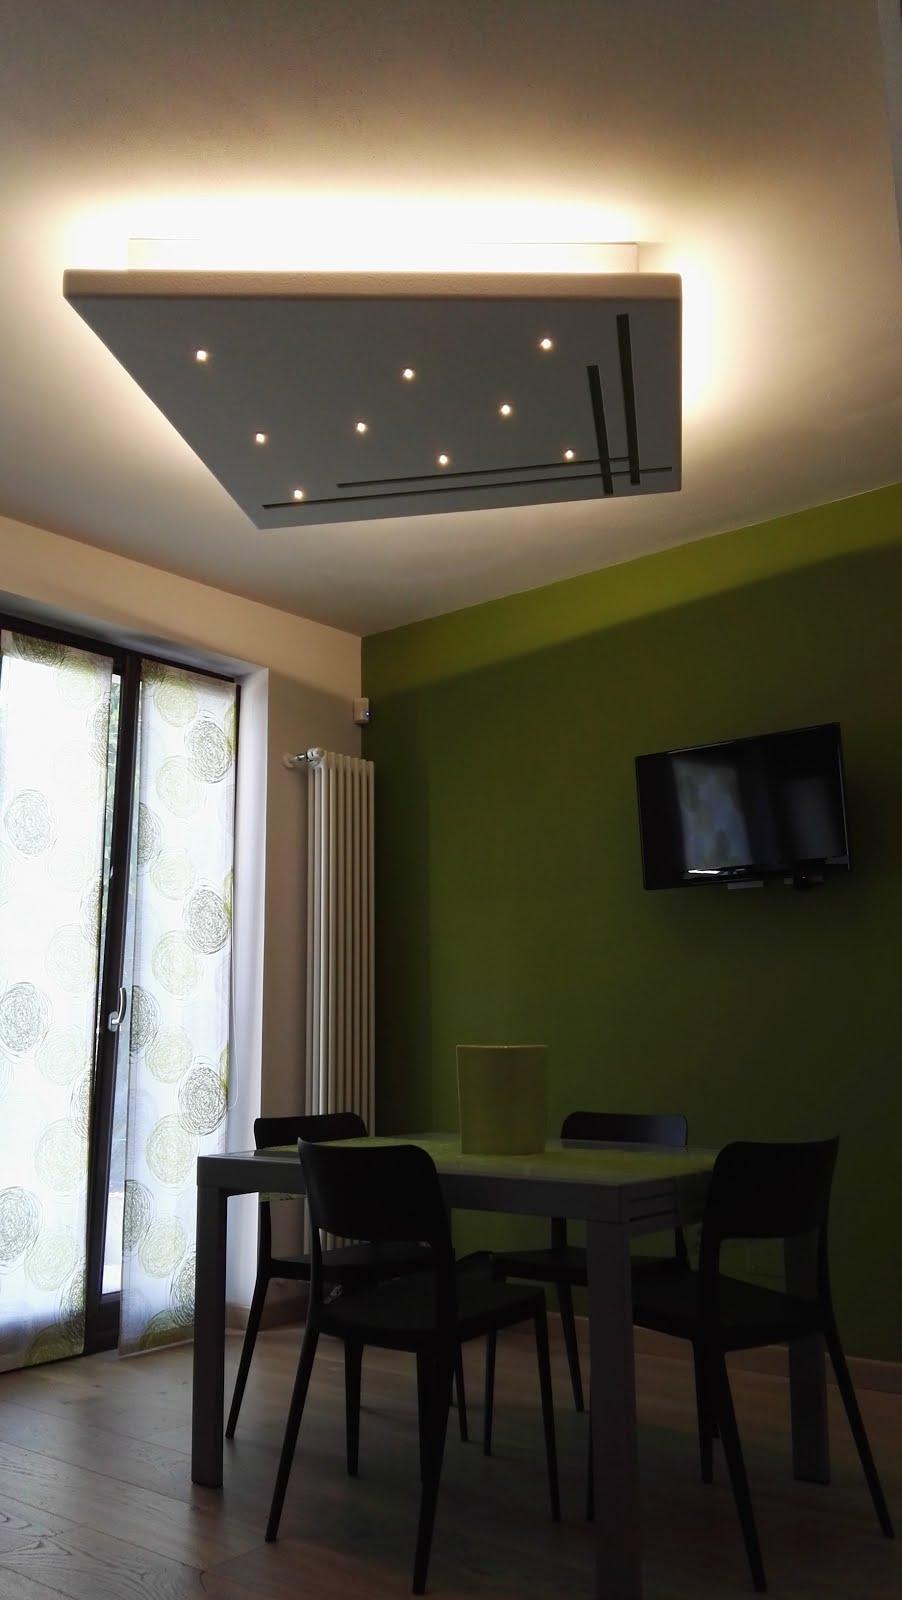 Illuminazione led casa lampadari a led di design forme di luce - Lampadari a led per casa ...